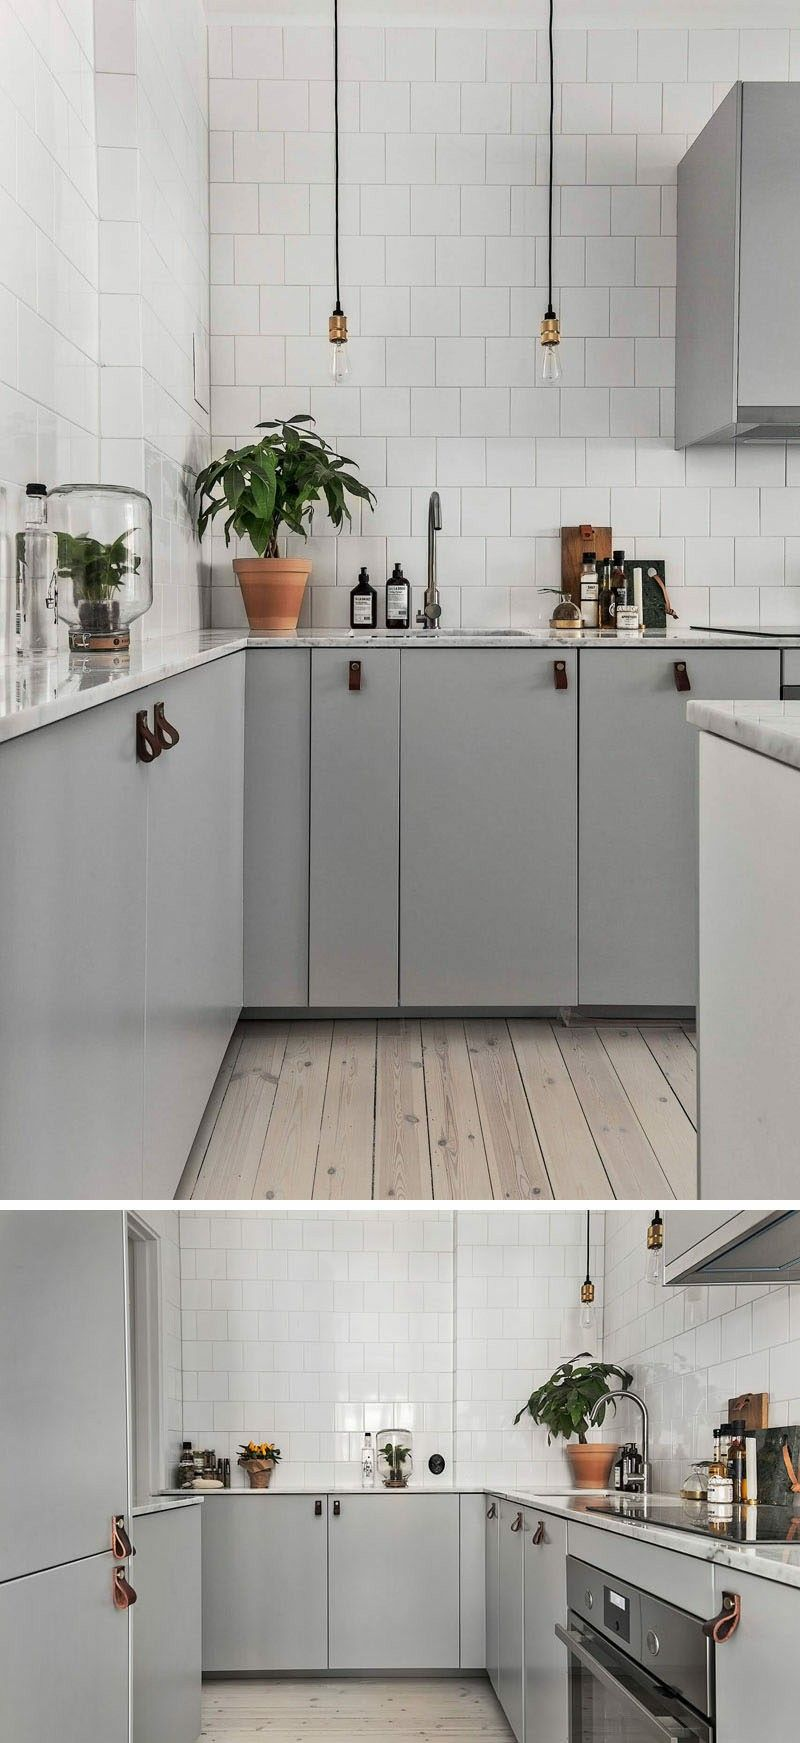 COCOON kitchen design inspiration | modern | interior design | high ...